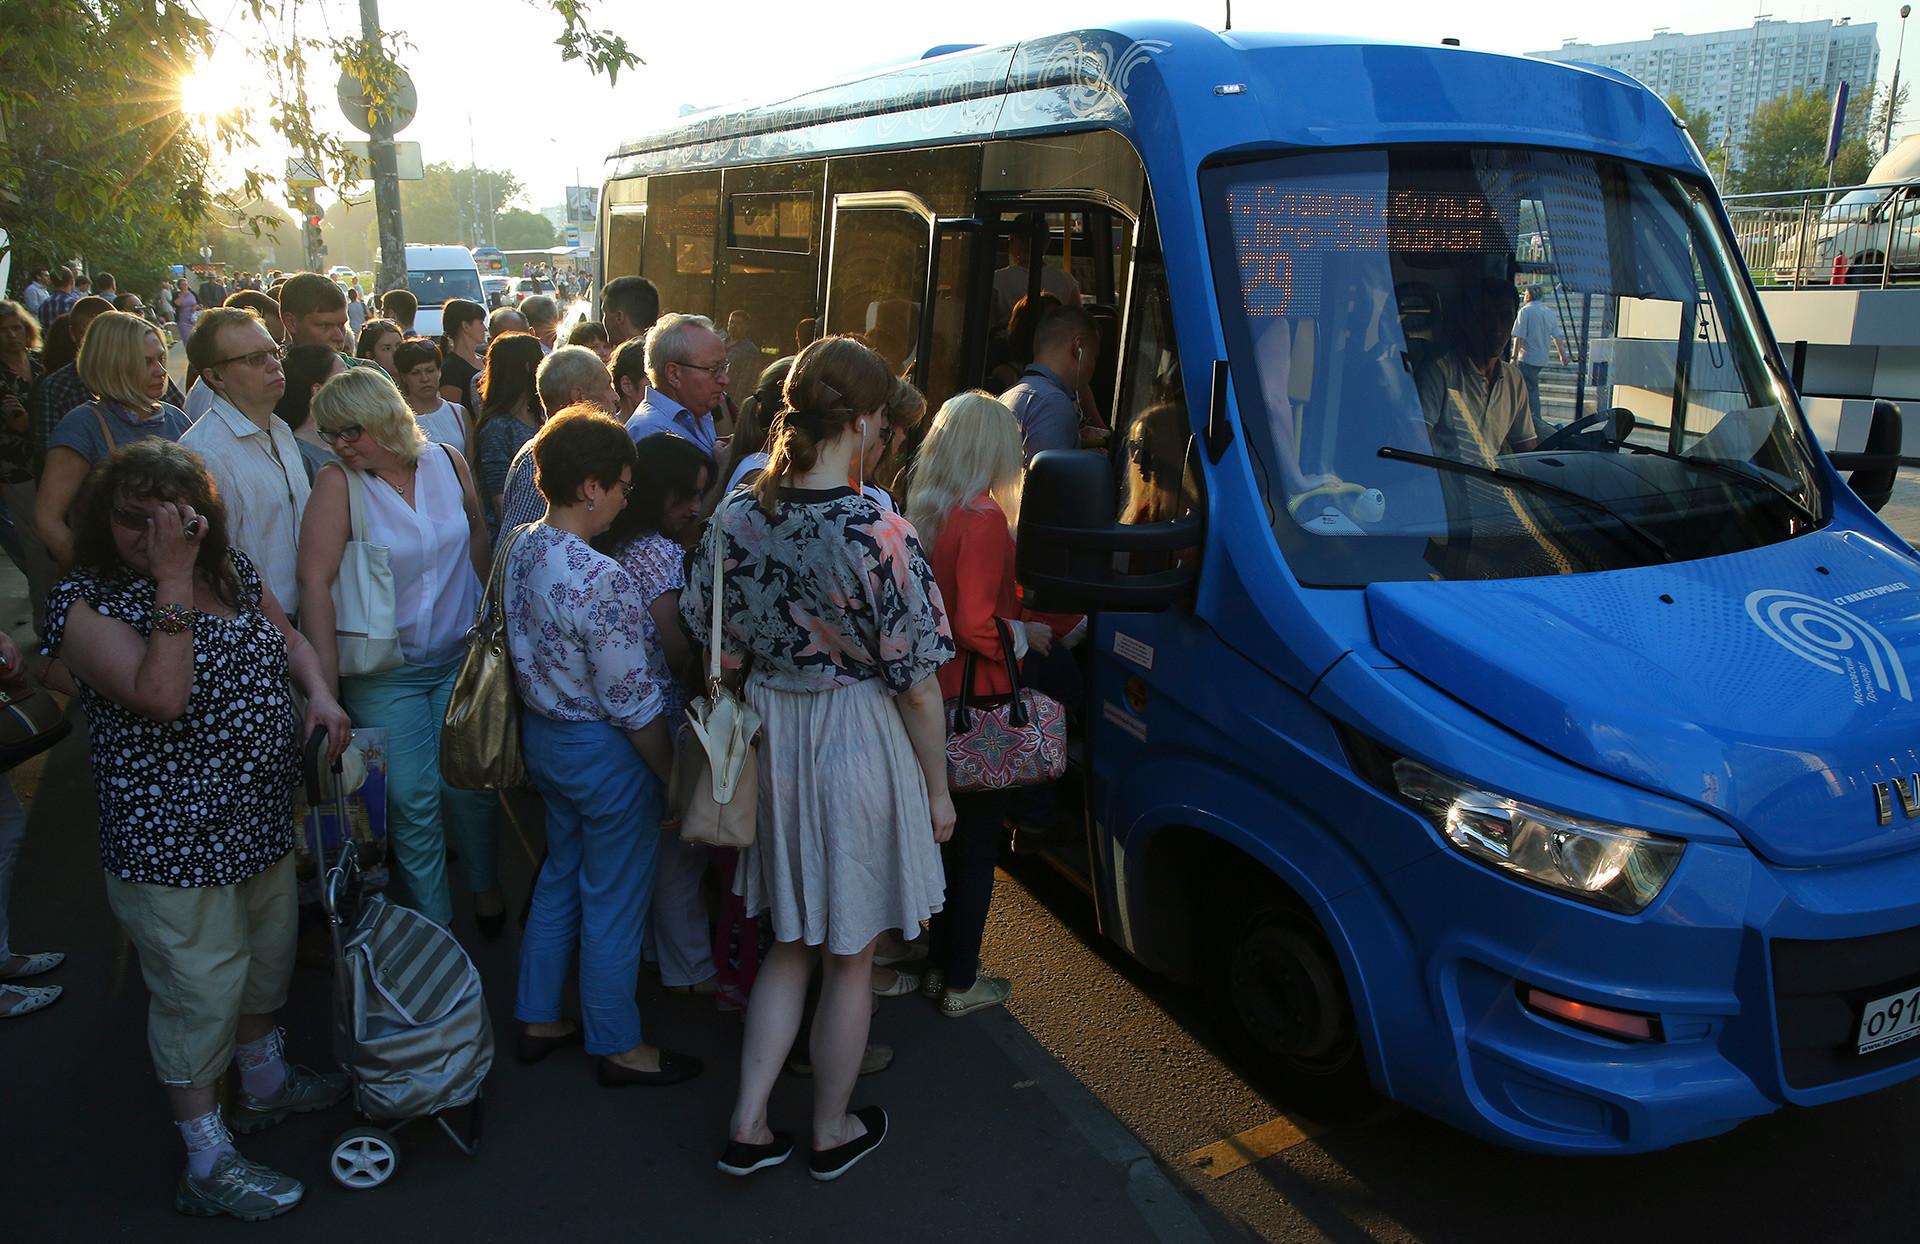 Uma 'marchrutka' (ônibus do tipo lotação) no centro de Moscou